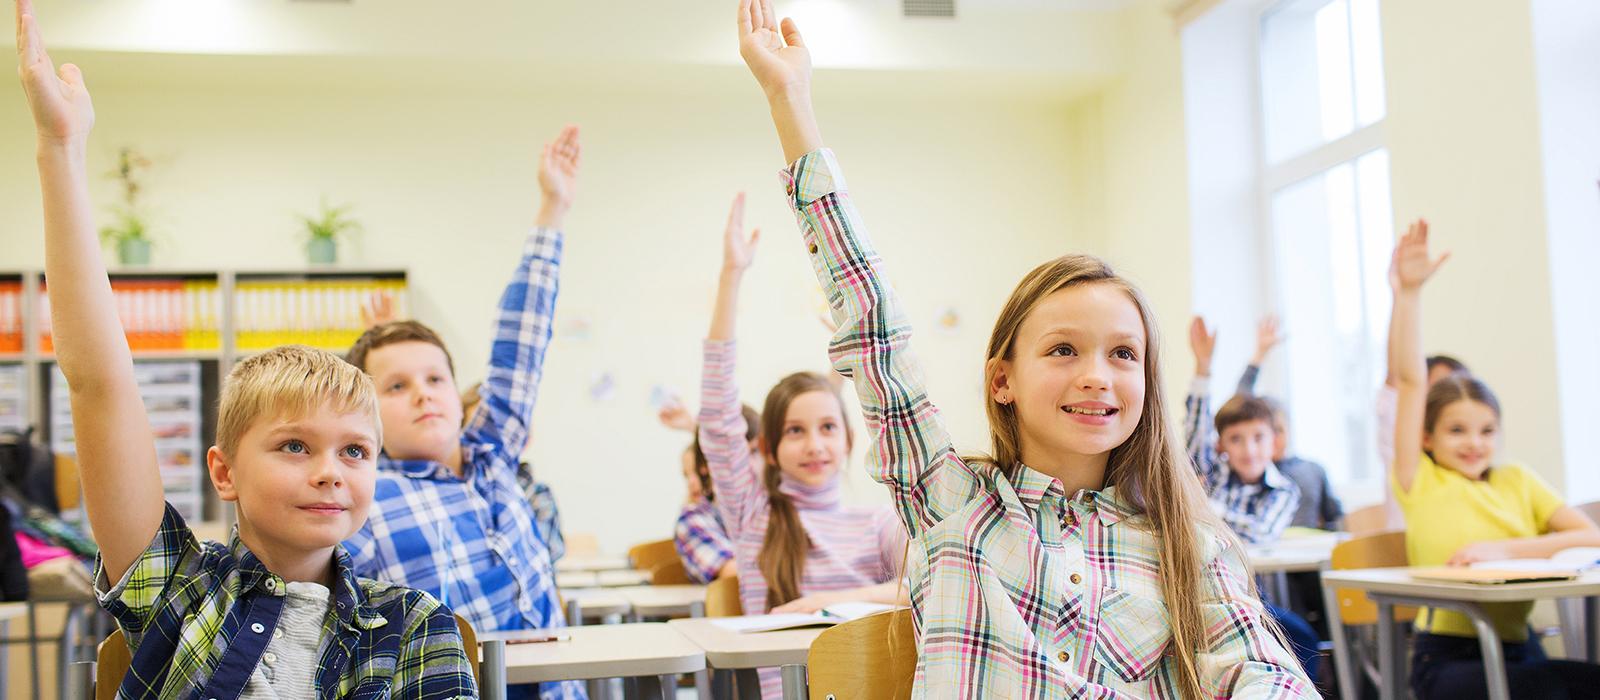 School Safeguarding Lockdown Solutions